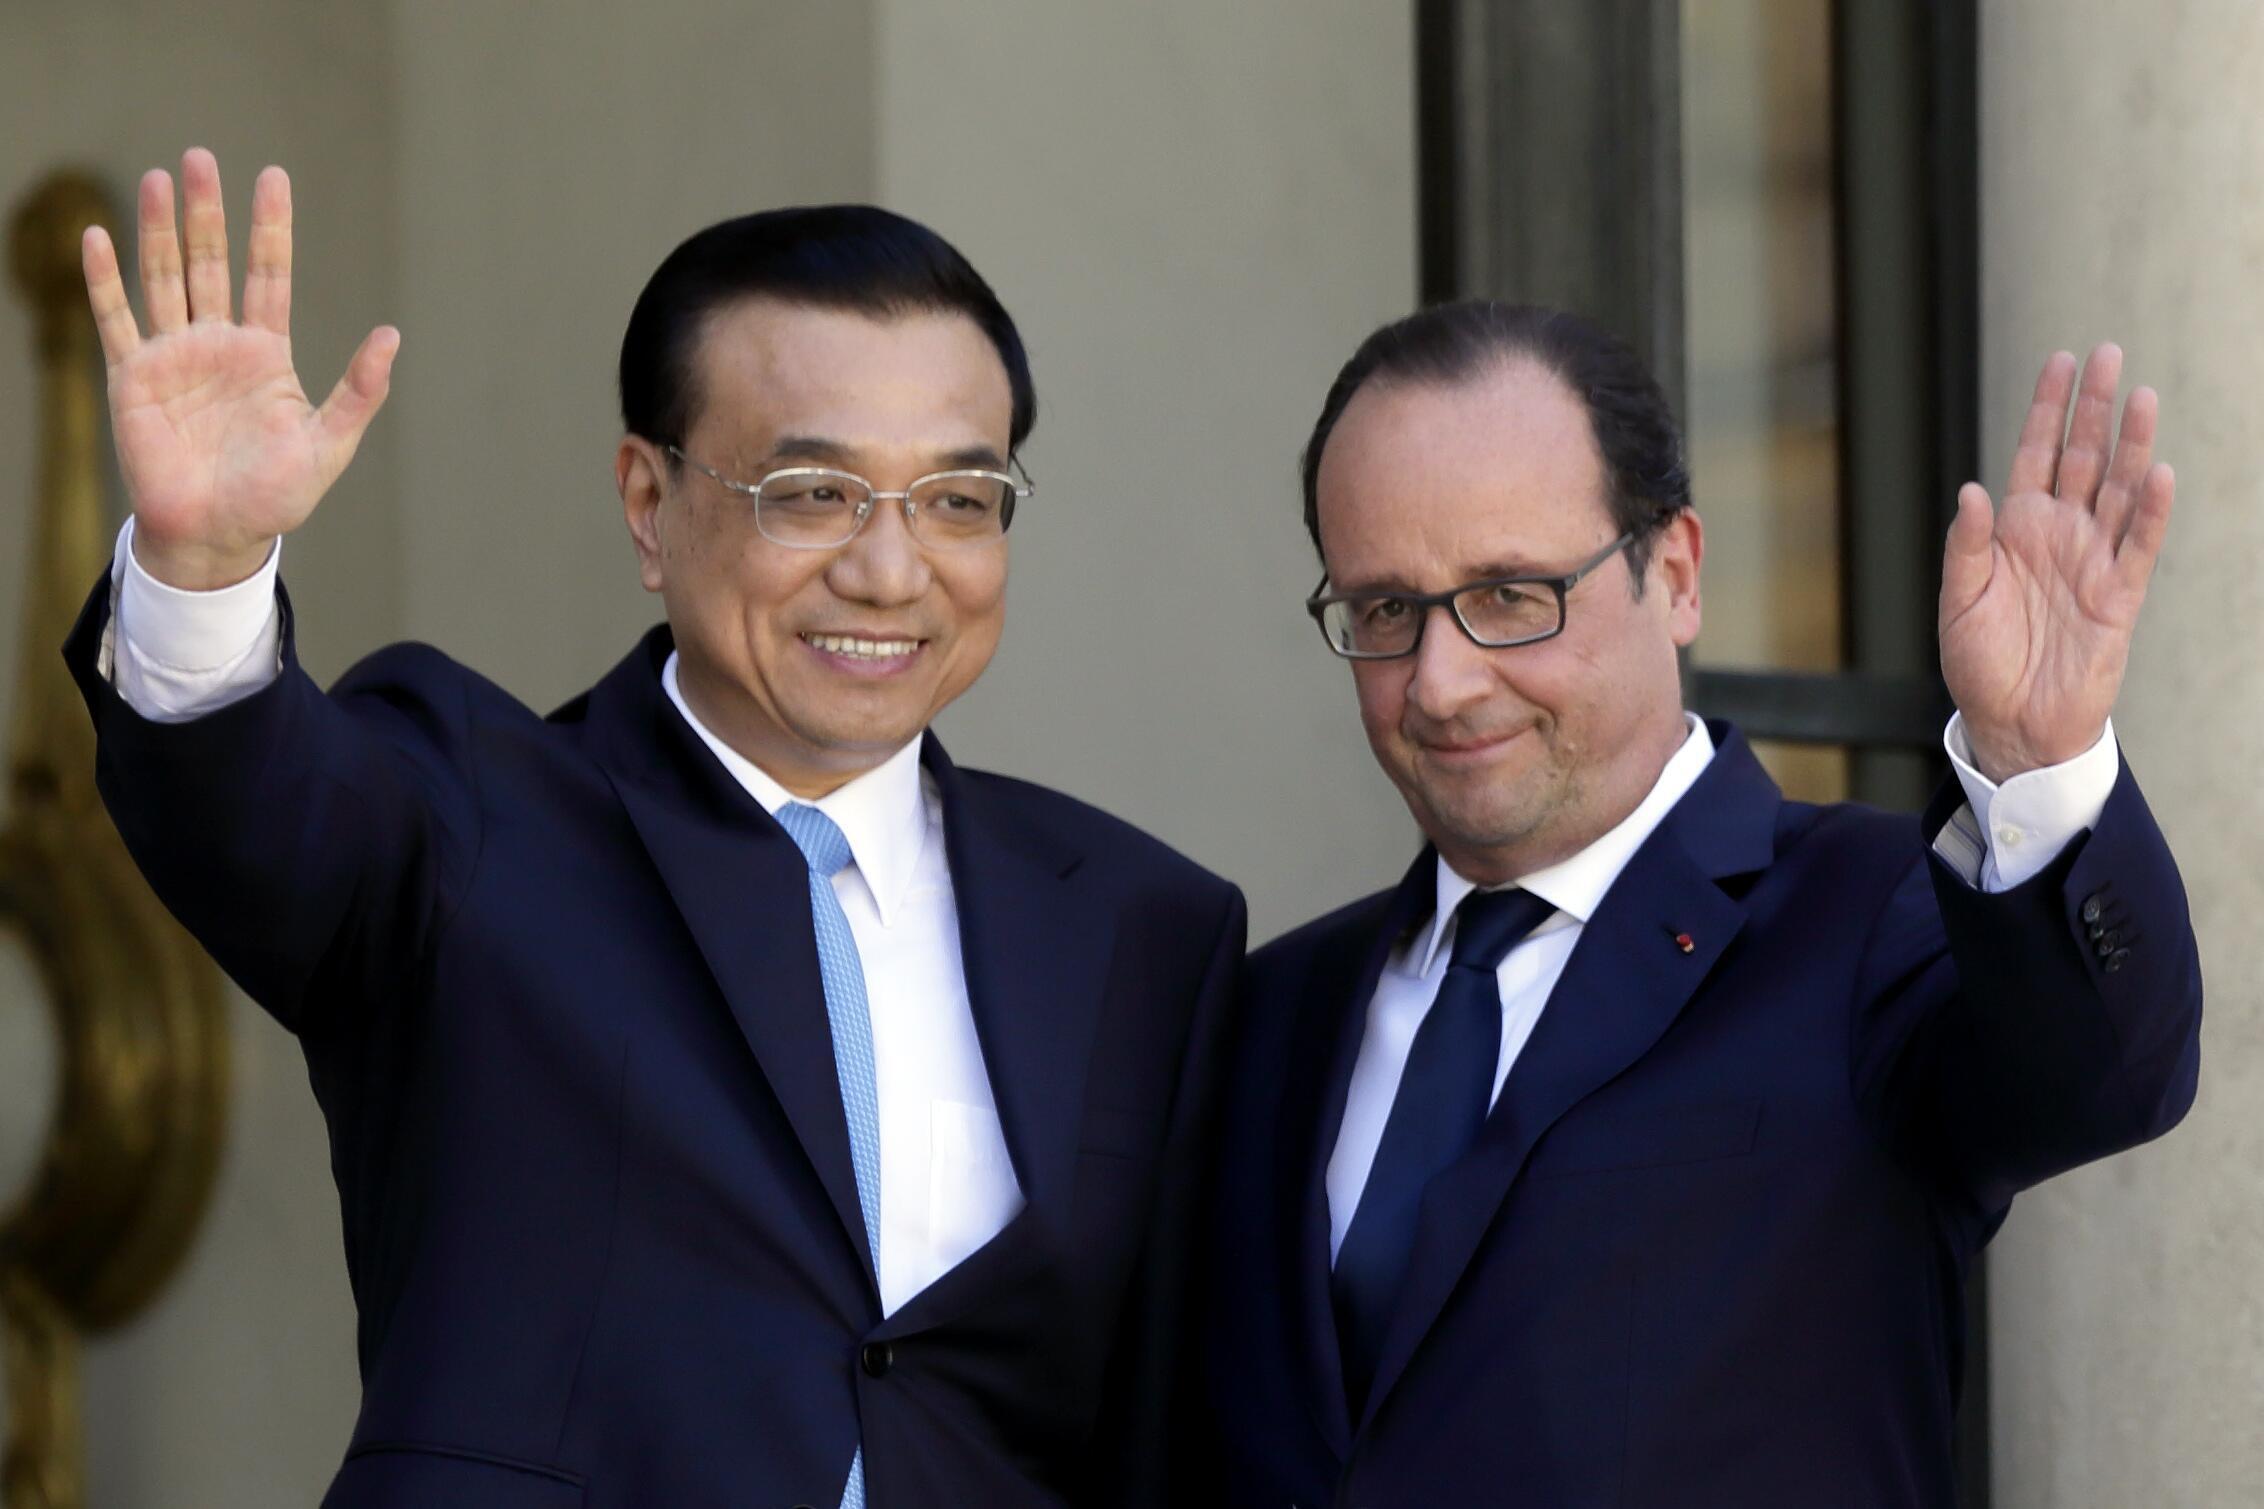 Le président François Hollande et le Premier ministre chinois Li Keqiang sur le perron de l'Elysée, le 30 juin 2015.